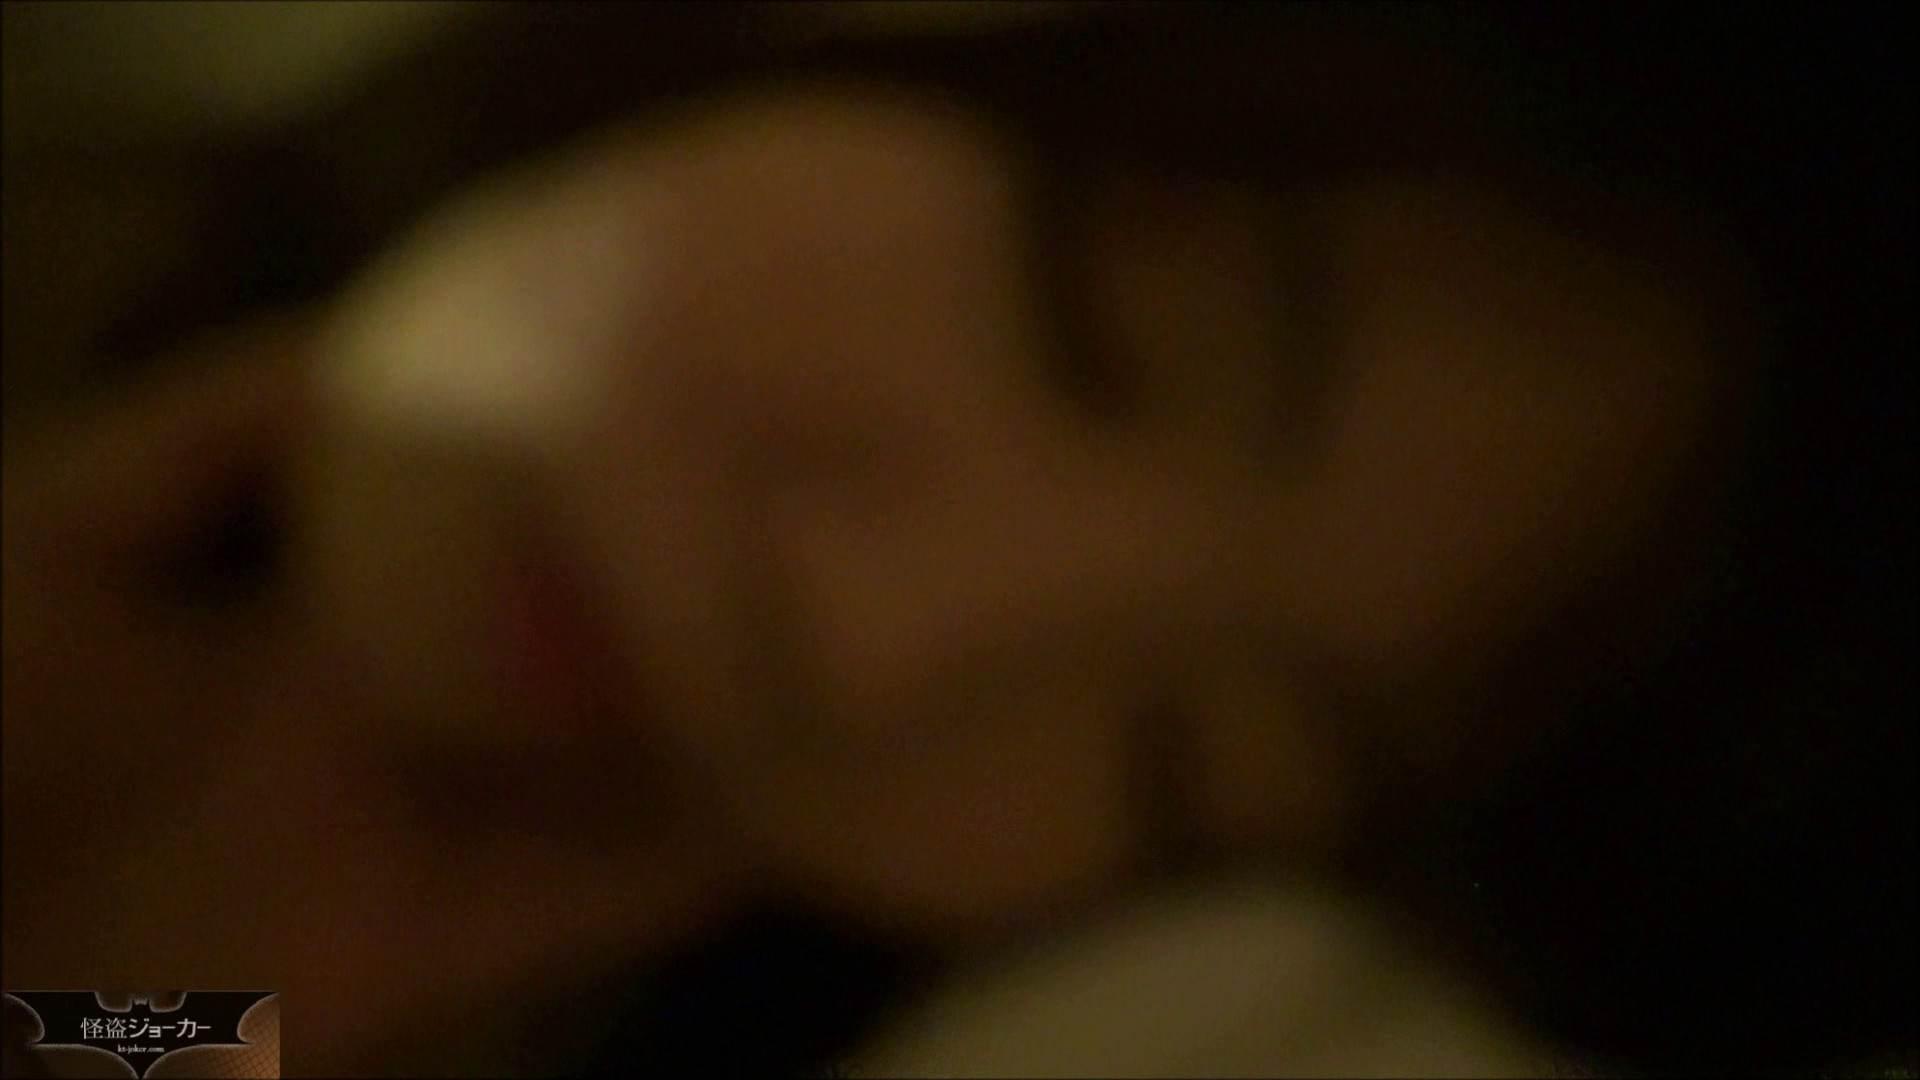 【未公開】vol.78 {関東某有名お嬢様JD}yuunaちゃん② 丸見えマンコ   フェラ  111画像 60